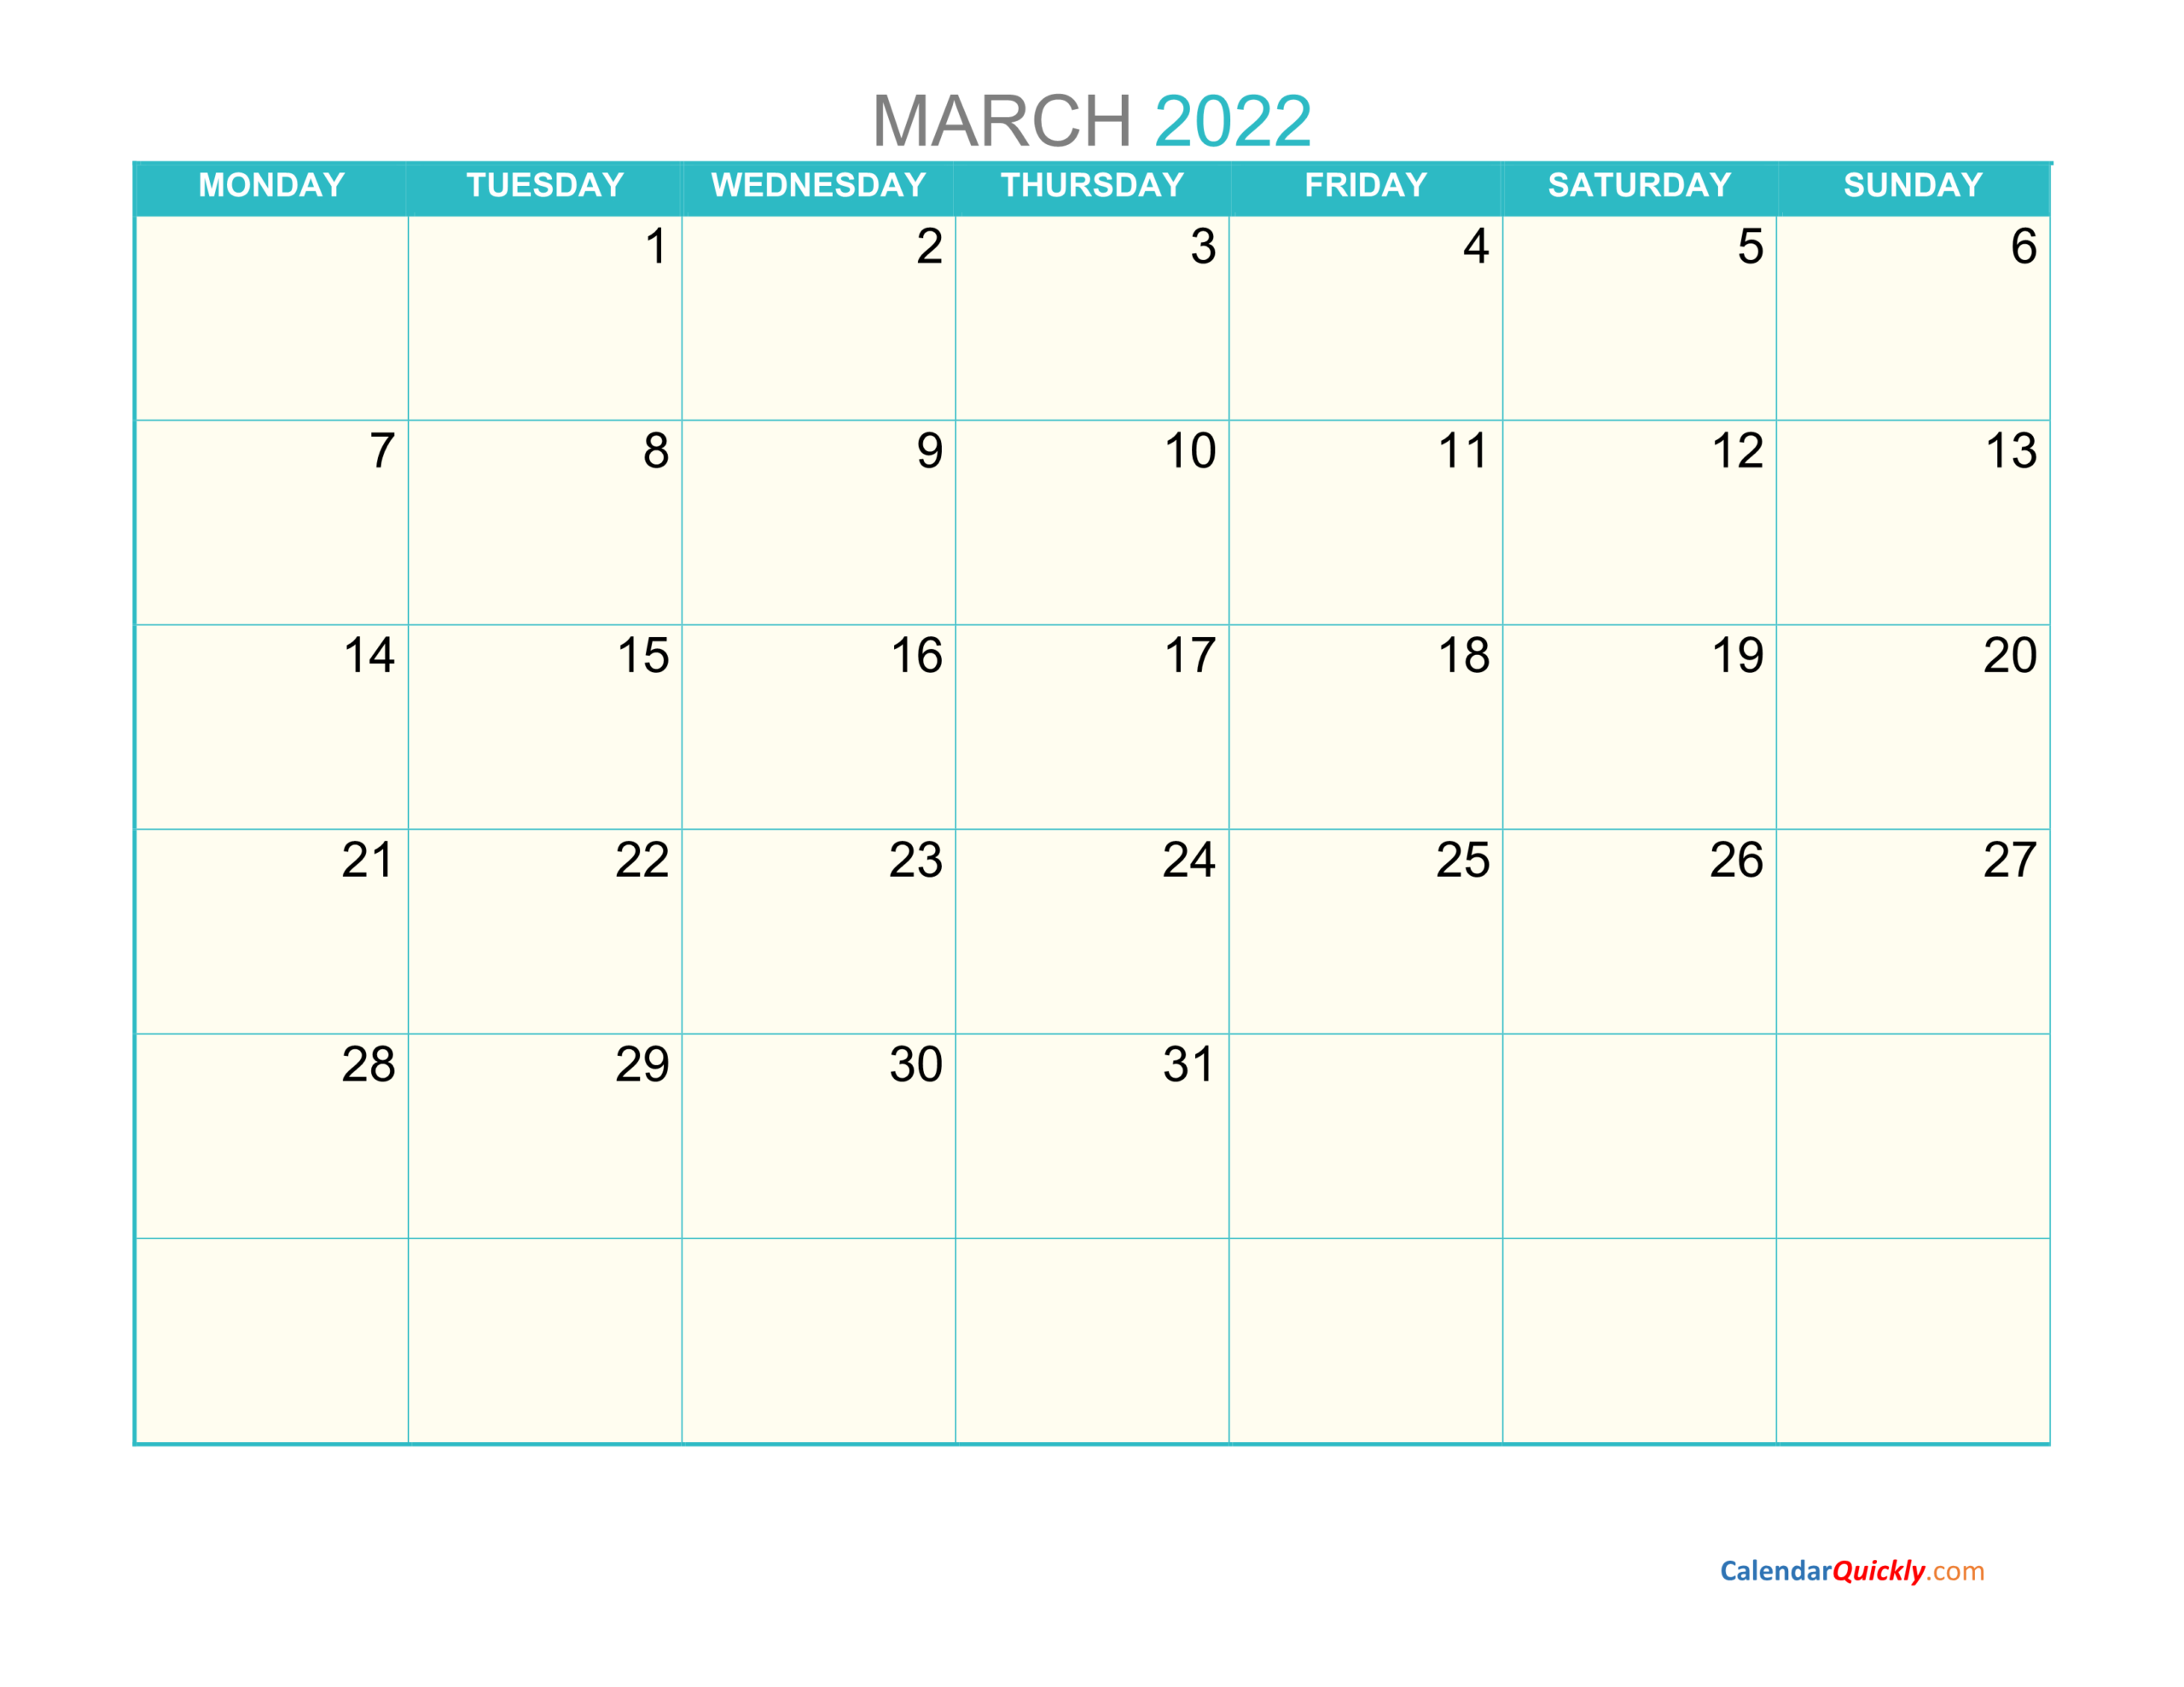 March Monday 2022 Calendar Printable | Calendar Quickly regarding 2022 March 2 Page Printable Calendar